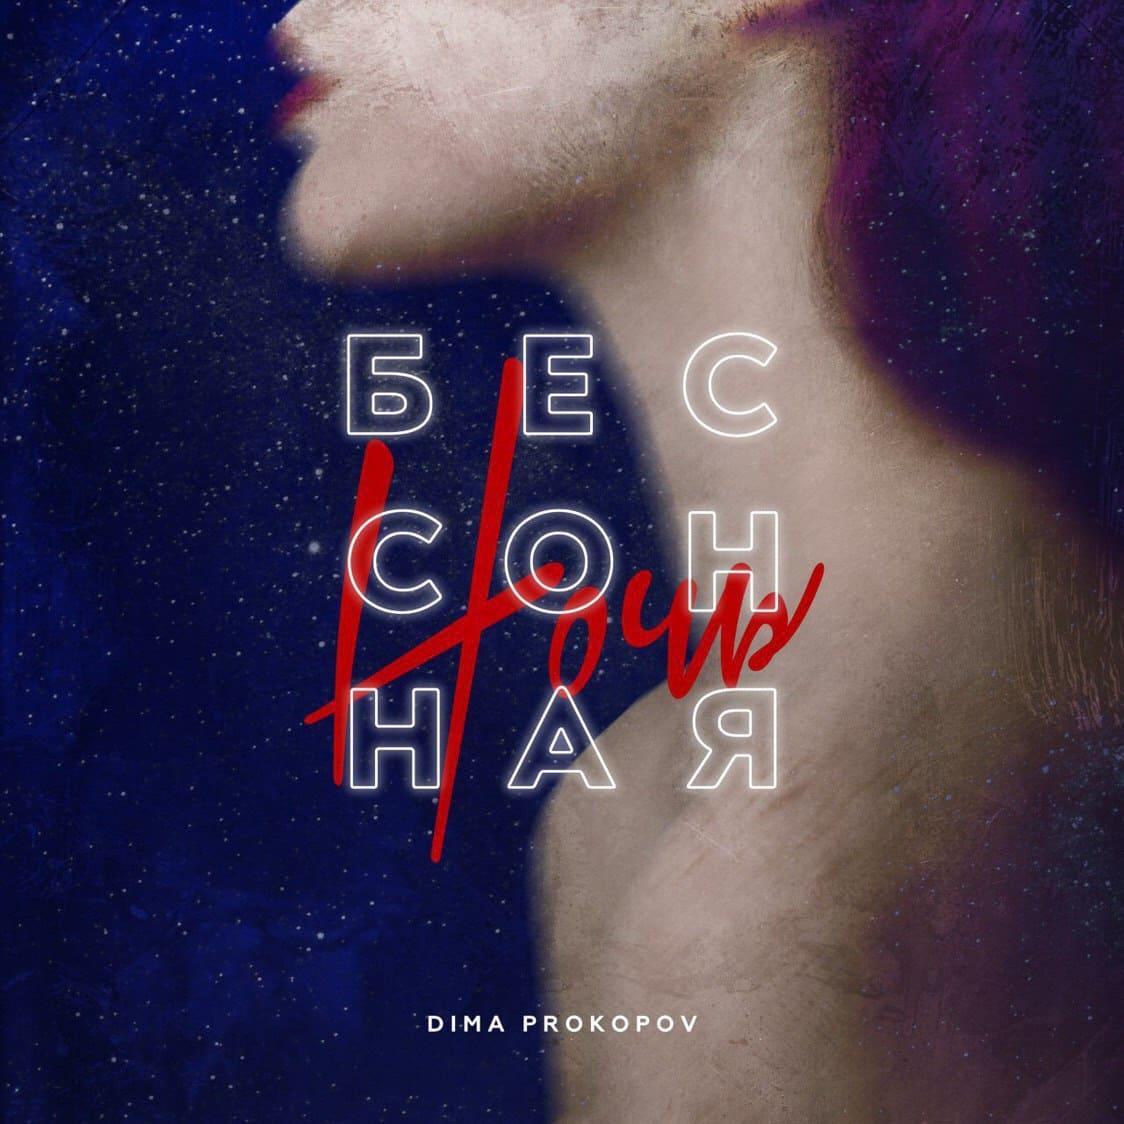 Dima PROKOPOV - Бессонная ночь